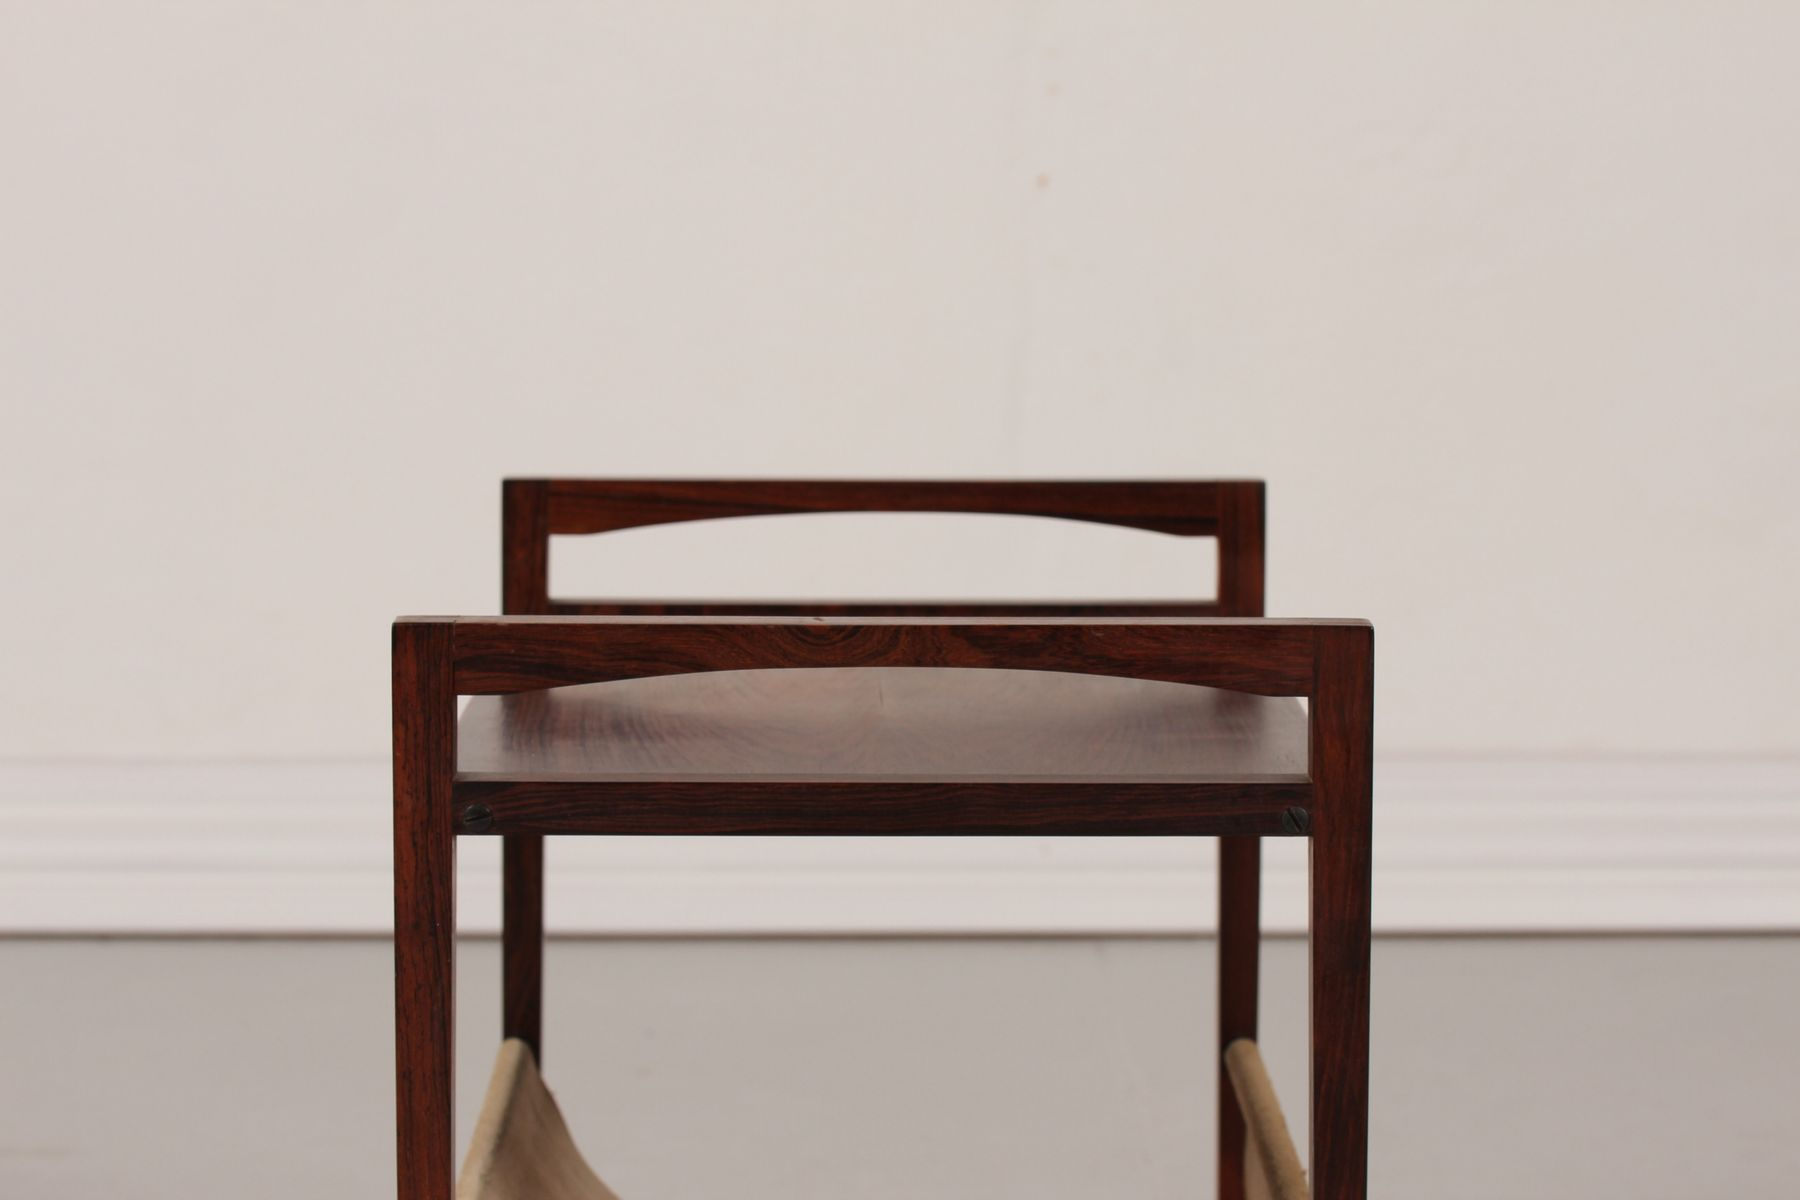 palisander und leder beistelltisch und zeitschriftenhalter 1960er bei pamono kaufen. Black Bedroom Furniture Sets. Home Design Ideas